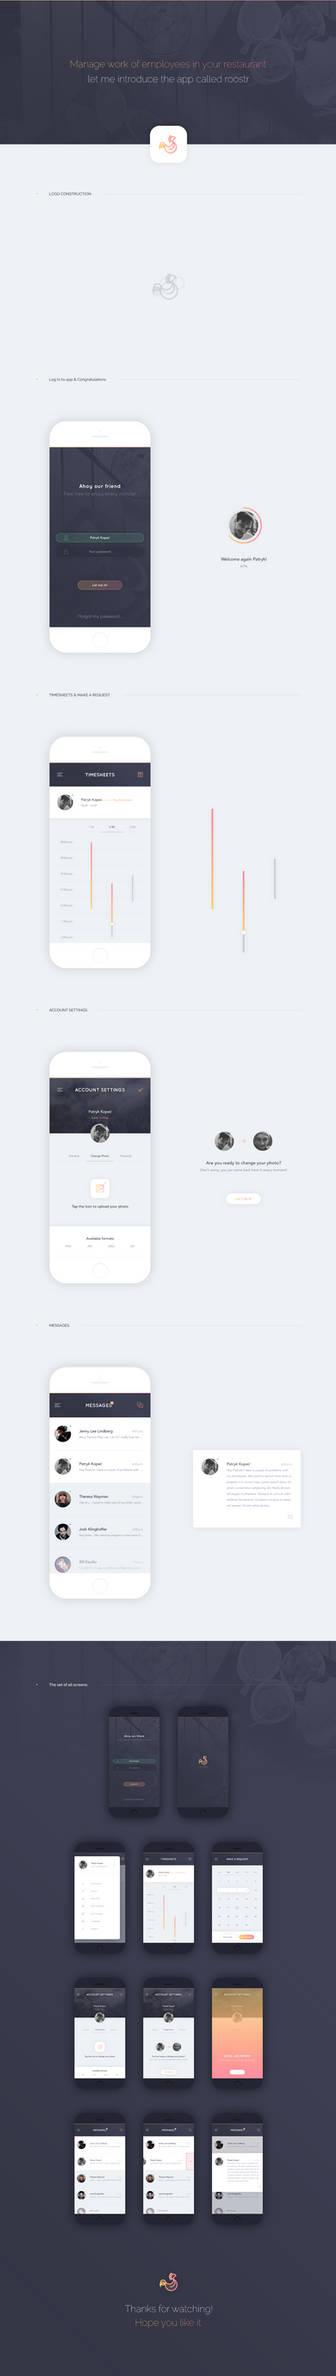 Roostr - Mobile App